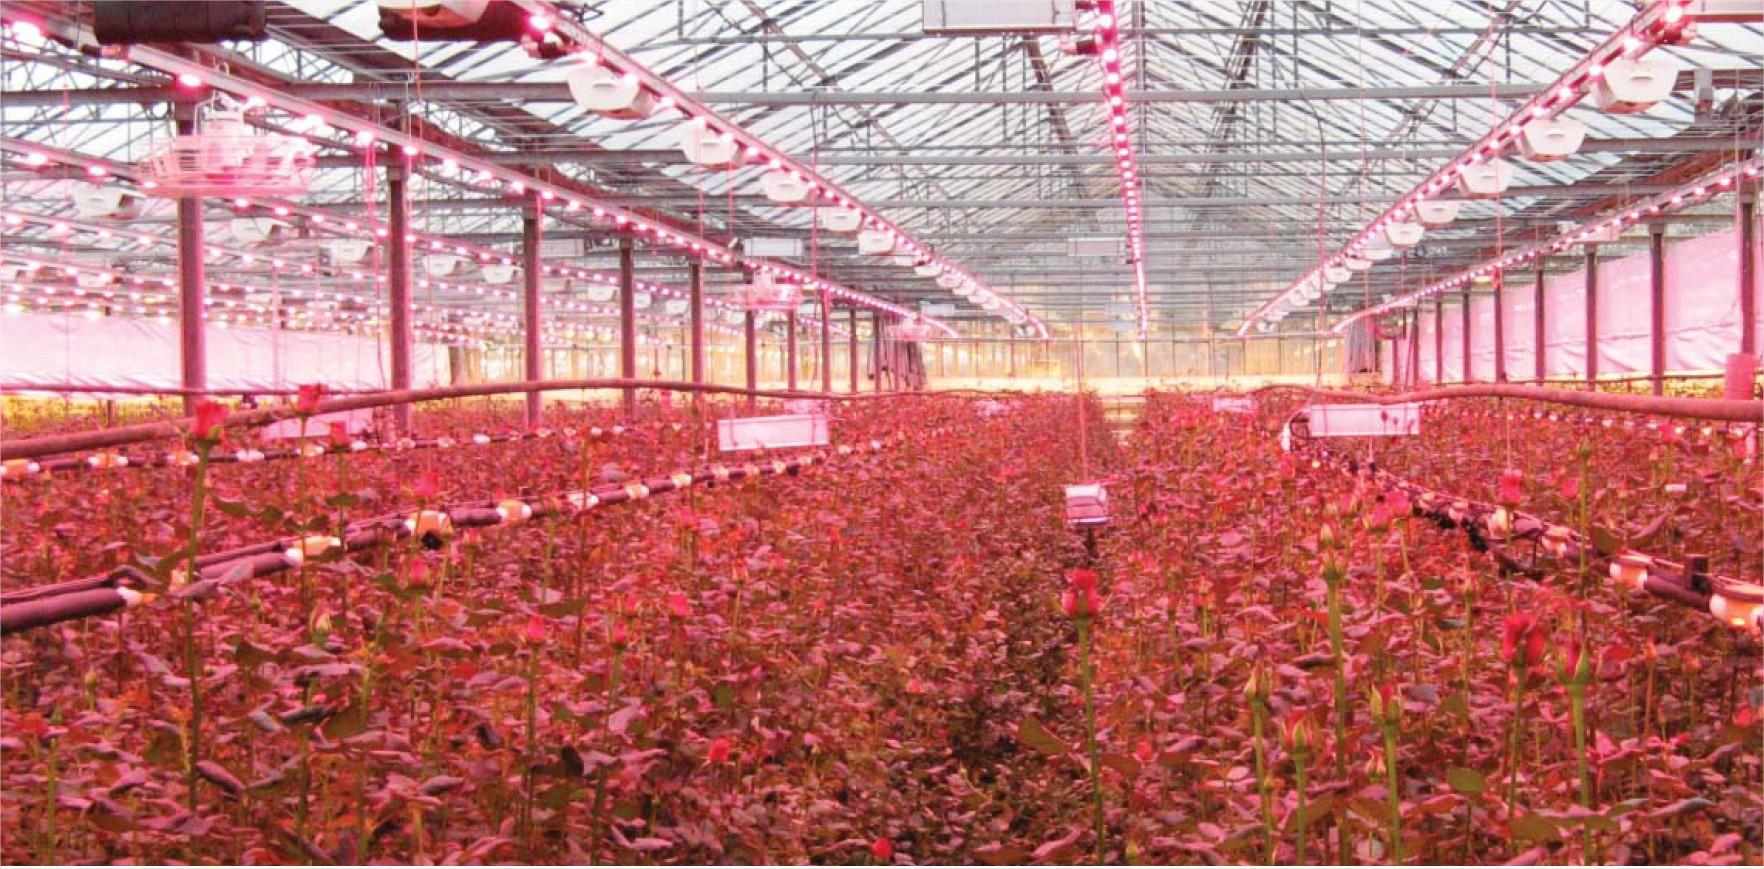 Lighting for indoor plants - Grow Lamps For Indoor Plants Photo 4